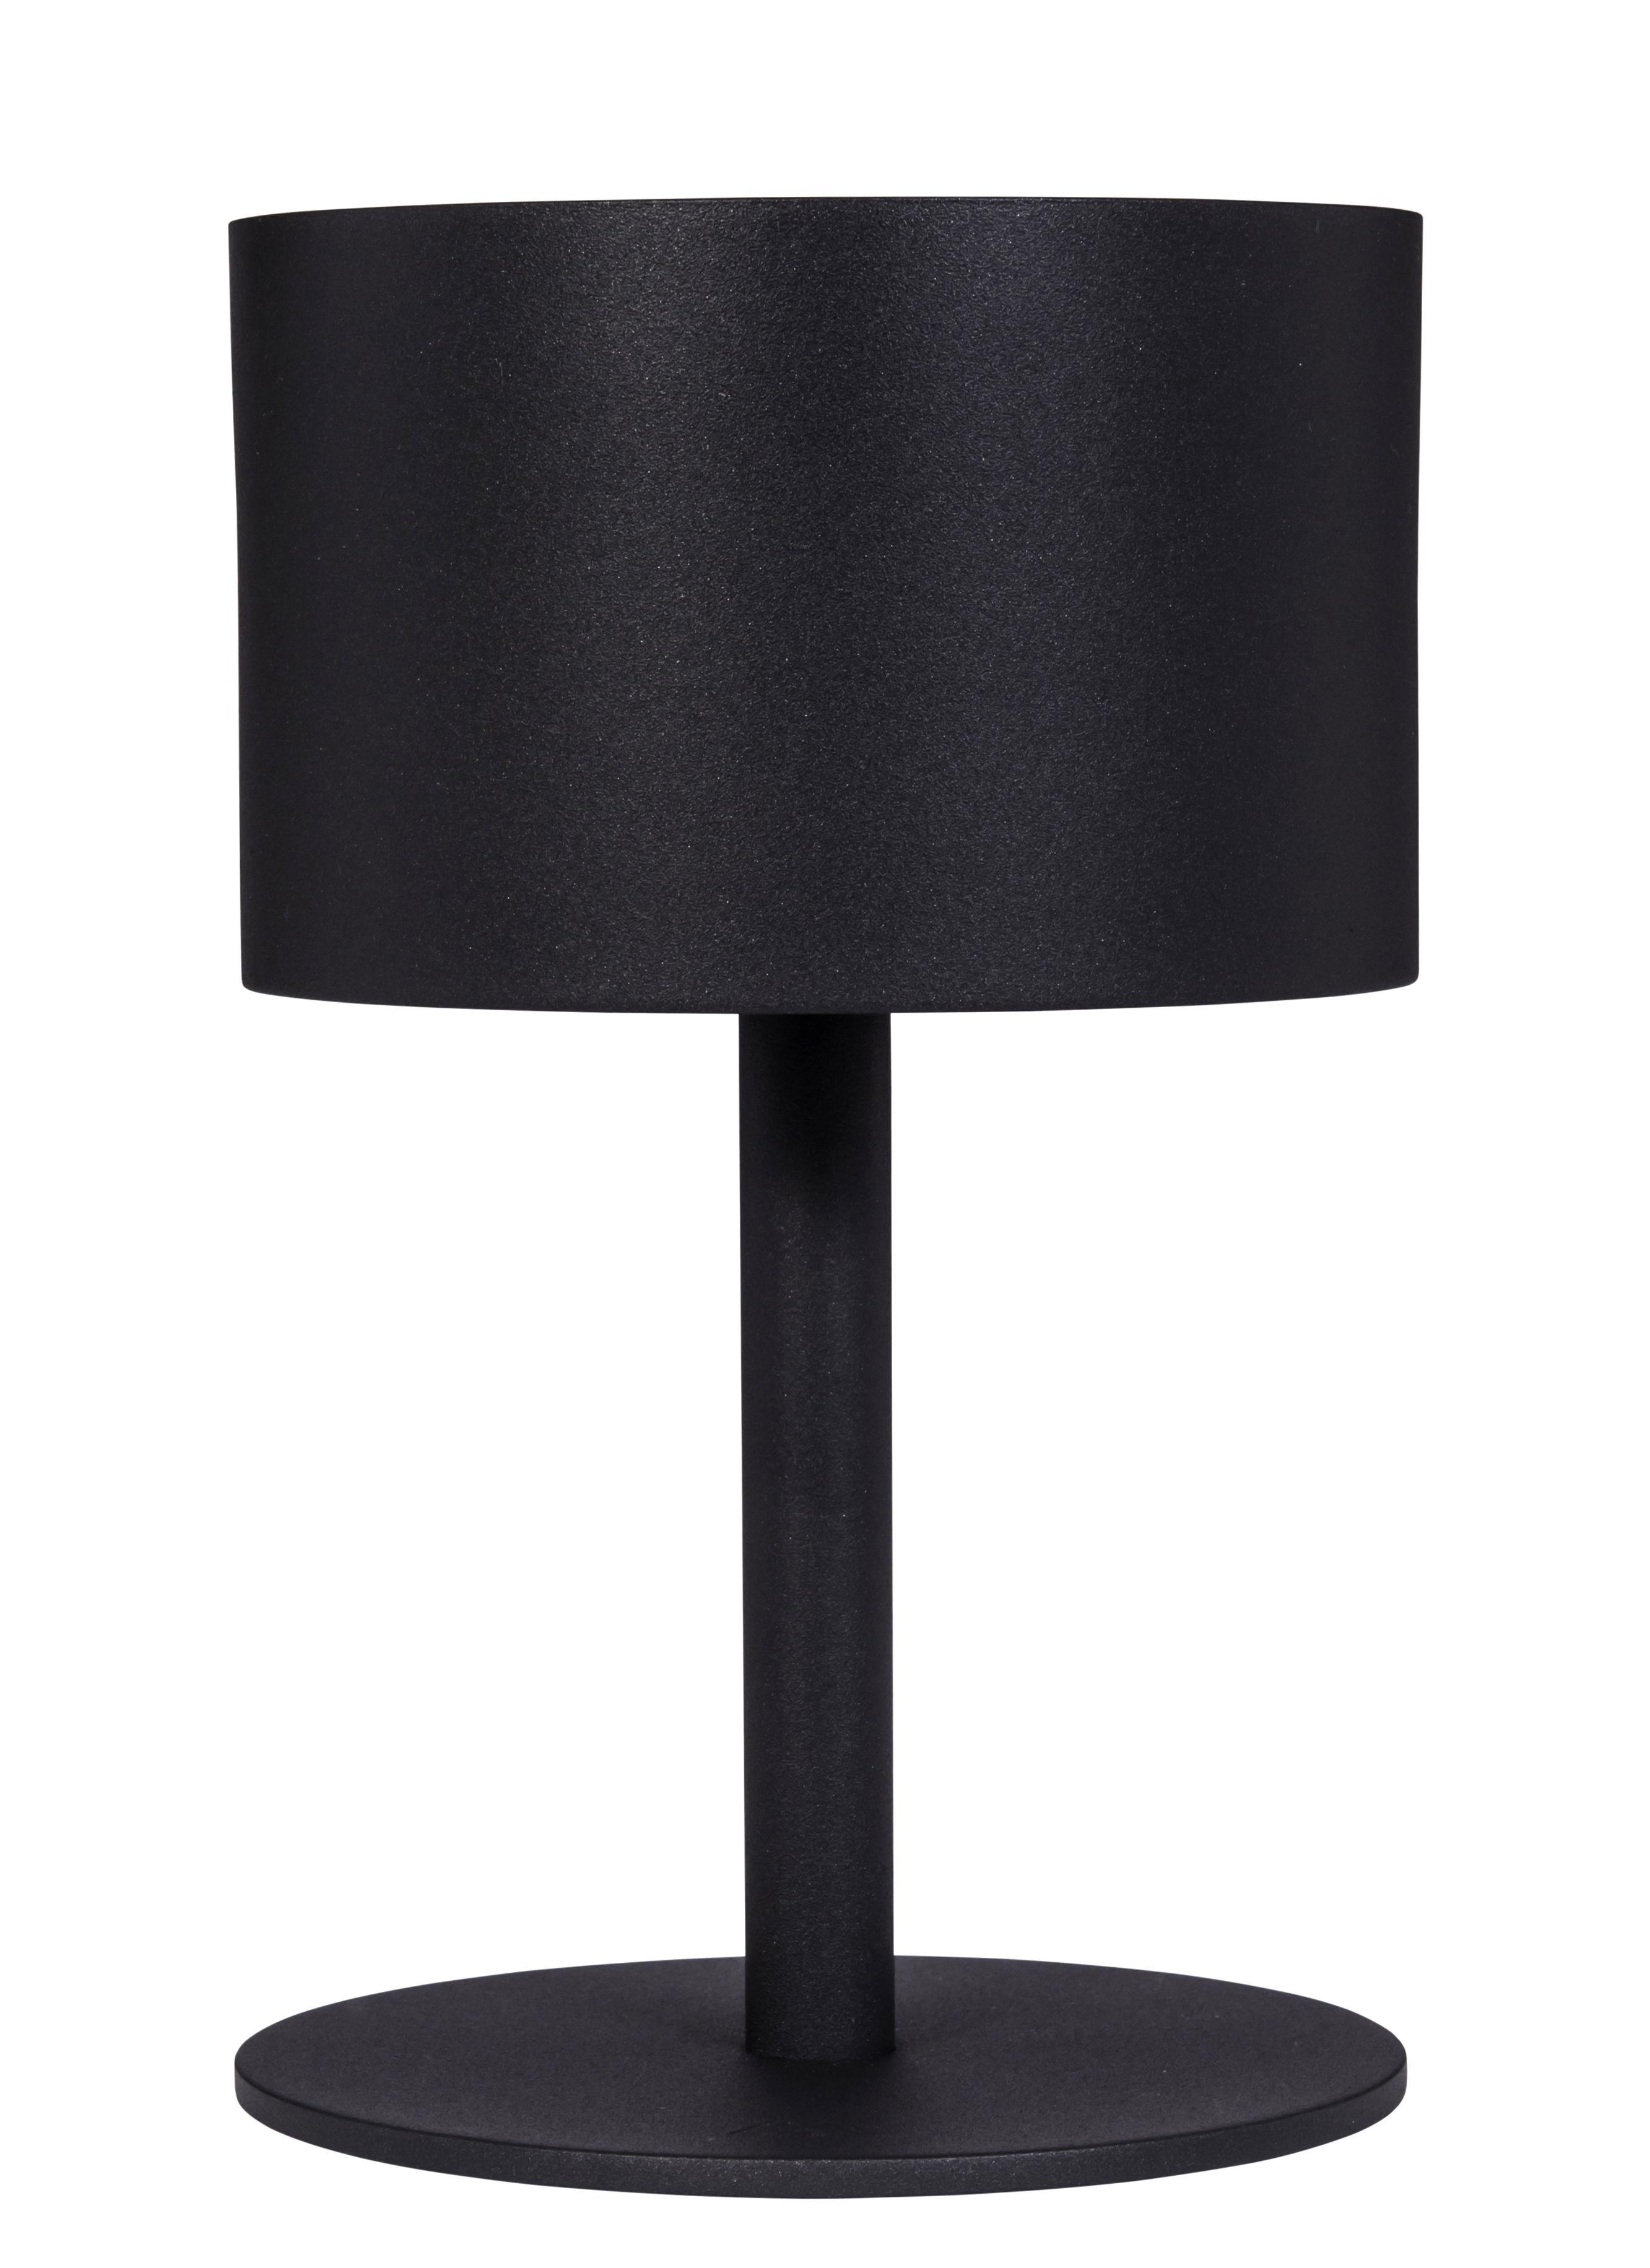 lampe solaire la lampe pose 01 led sans fil charbon. Black Bedroom Furniture Sets. Home Design Ideas